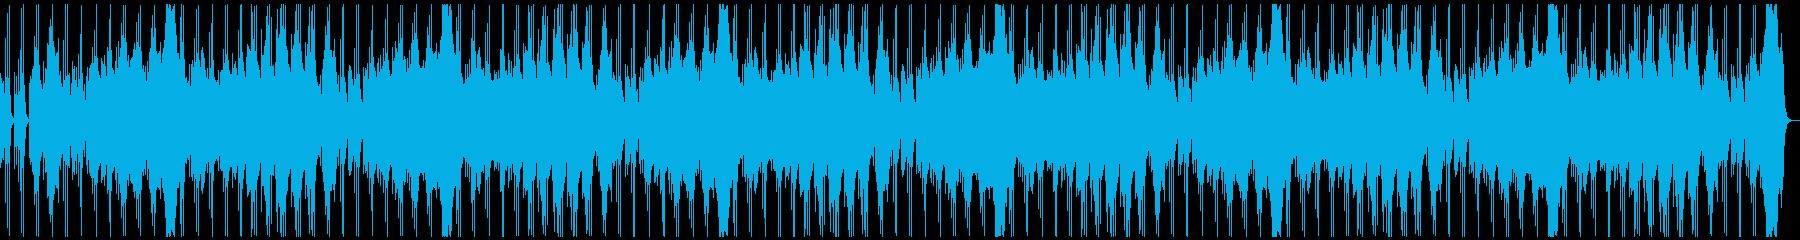 不気味に歪んだレトロな電子音のホラーLの再生済みの波形